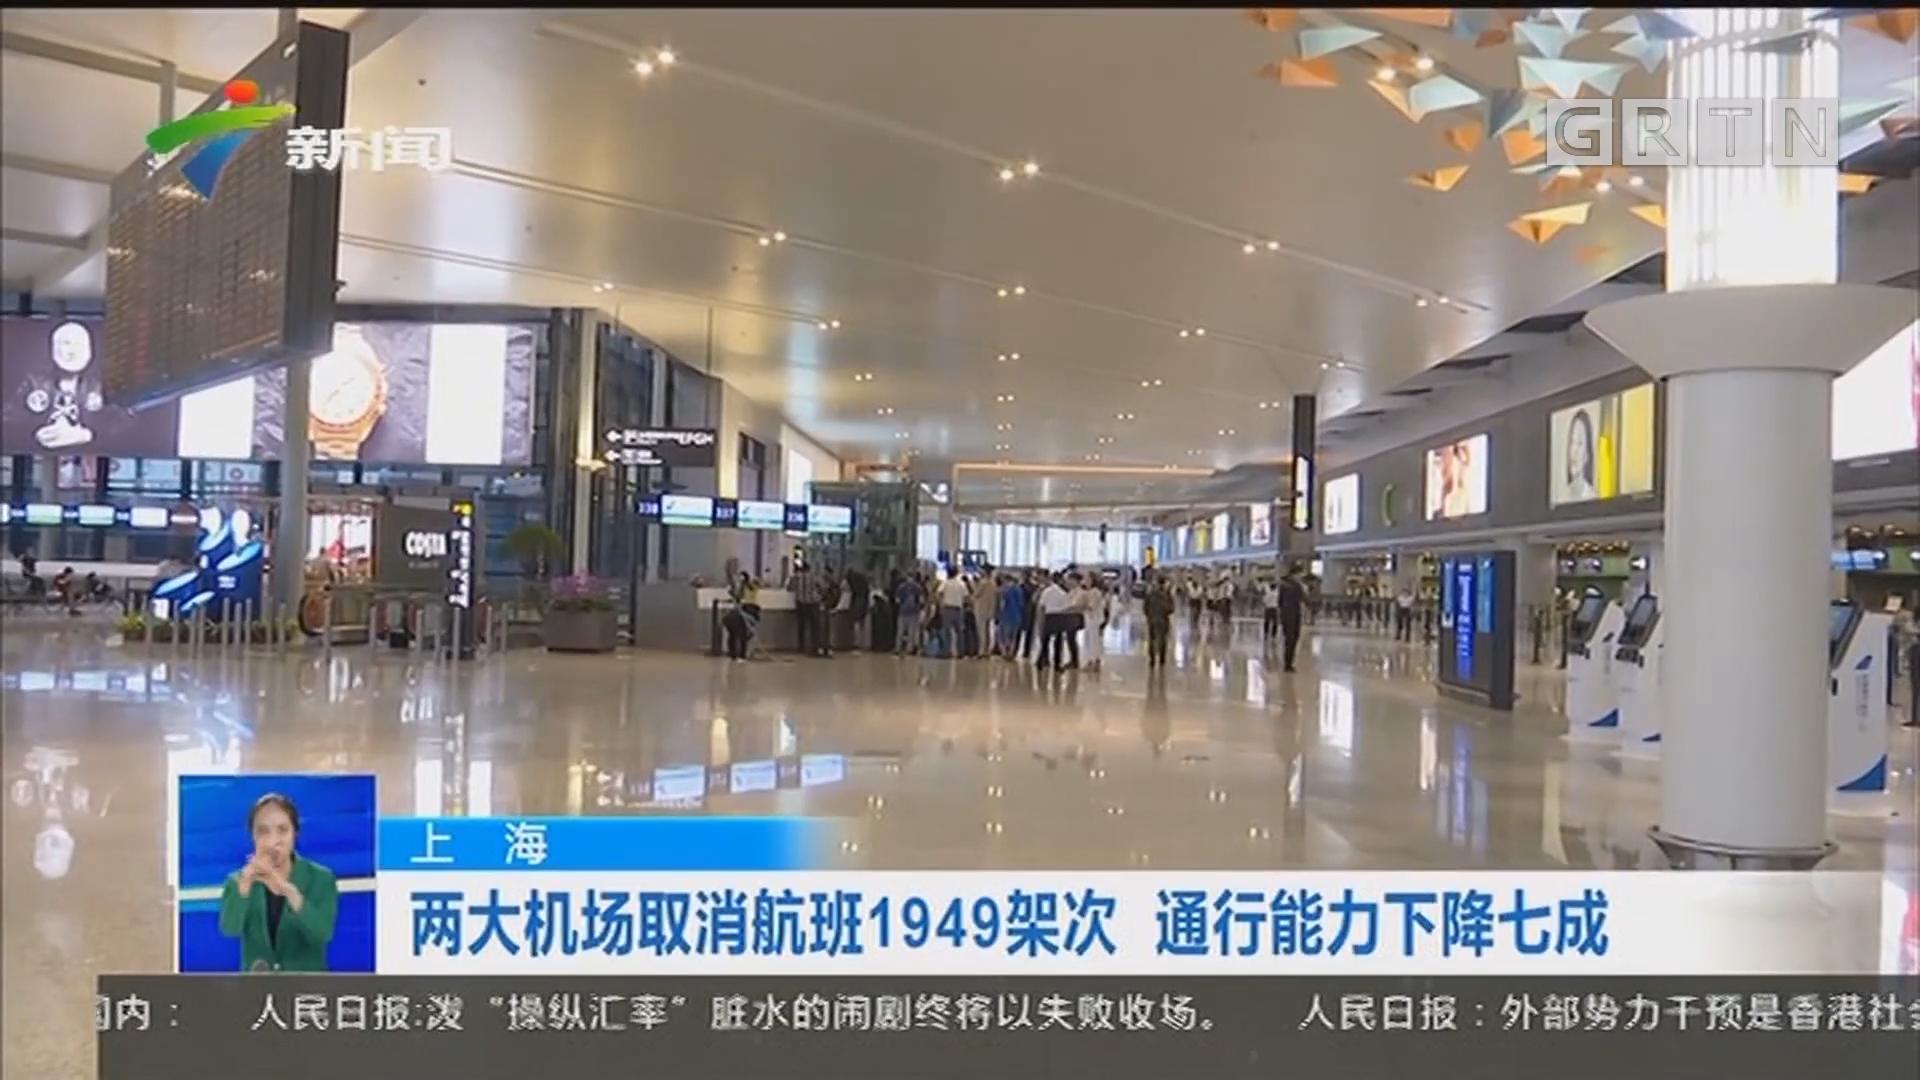 上海:两大机场取消航班1949架次 通行能力下降七成